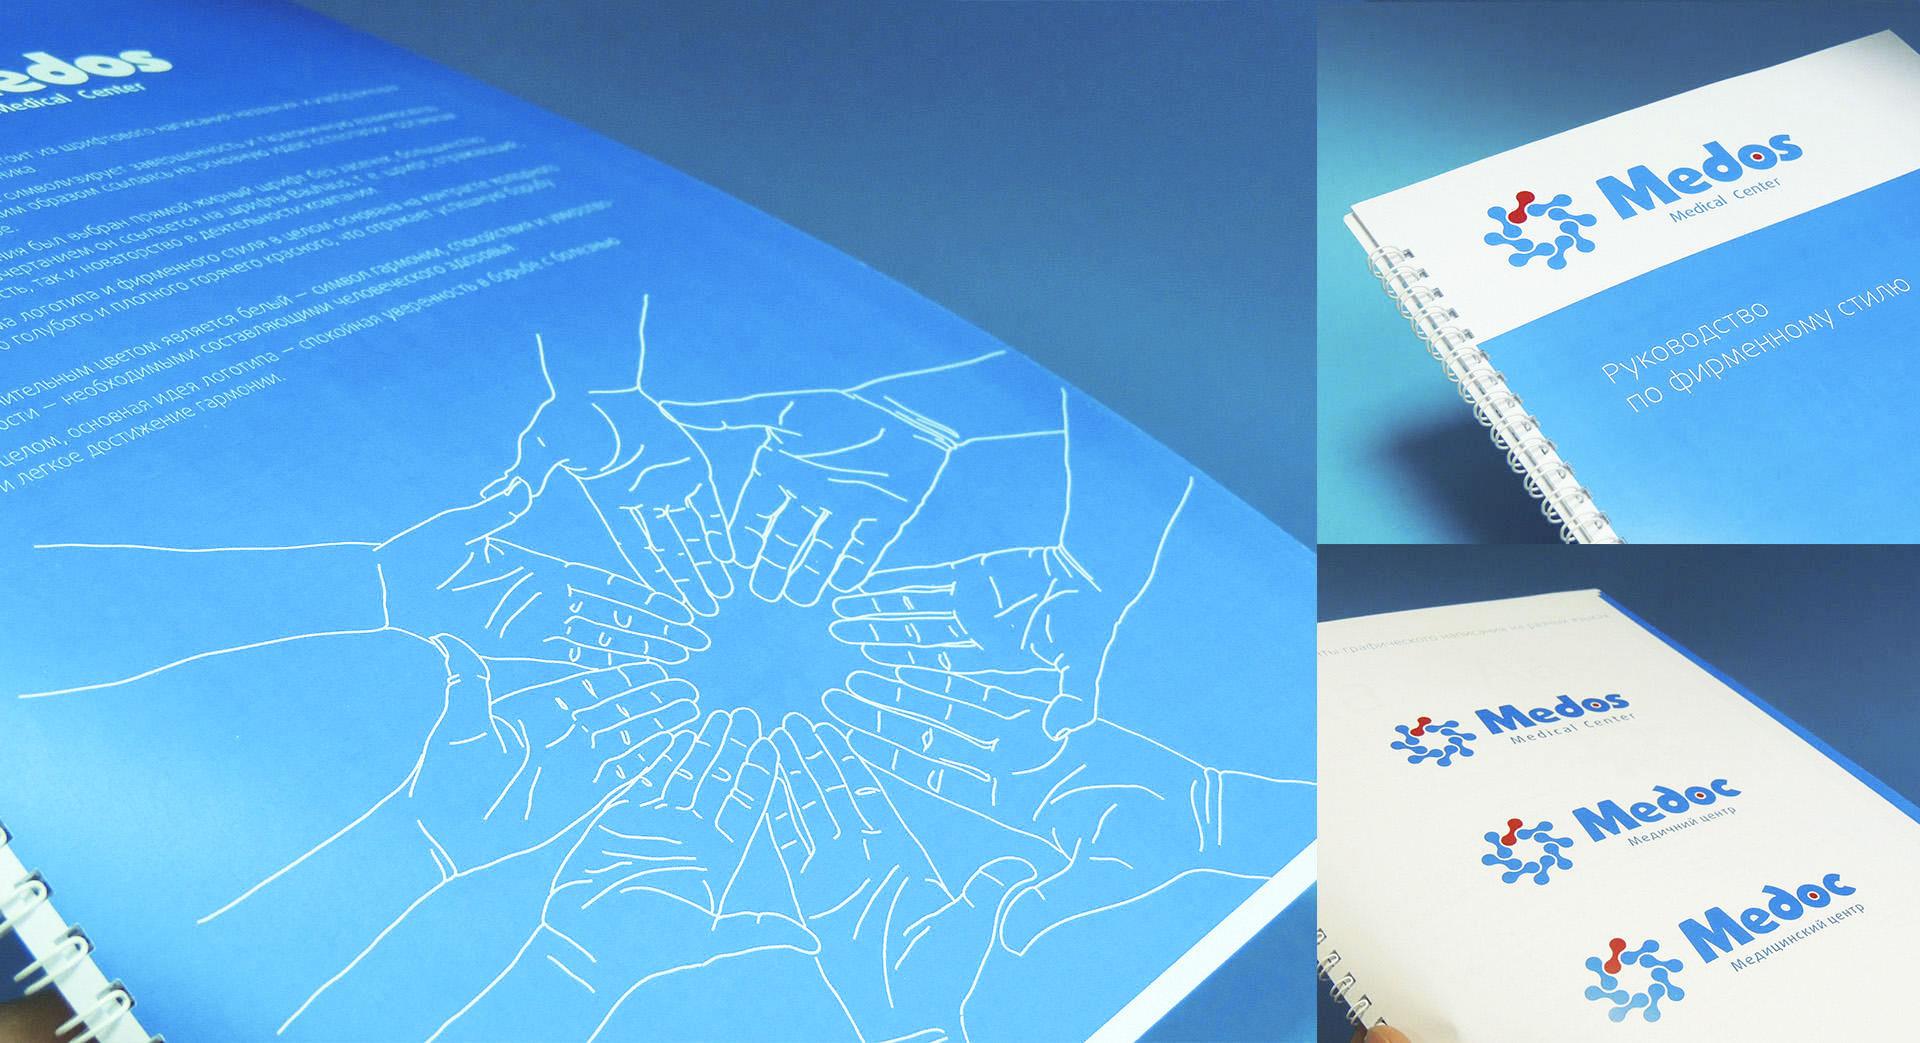 Центр остеопатии брендбук, chiropractic center brandbook